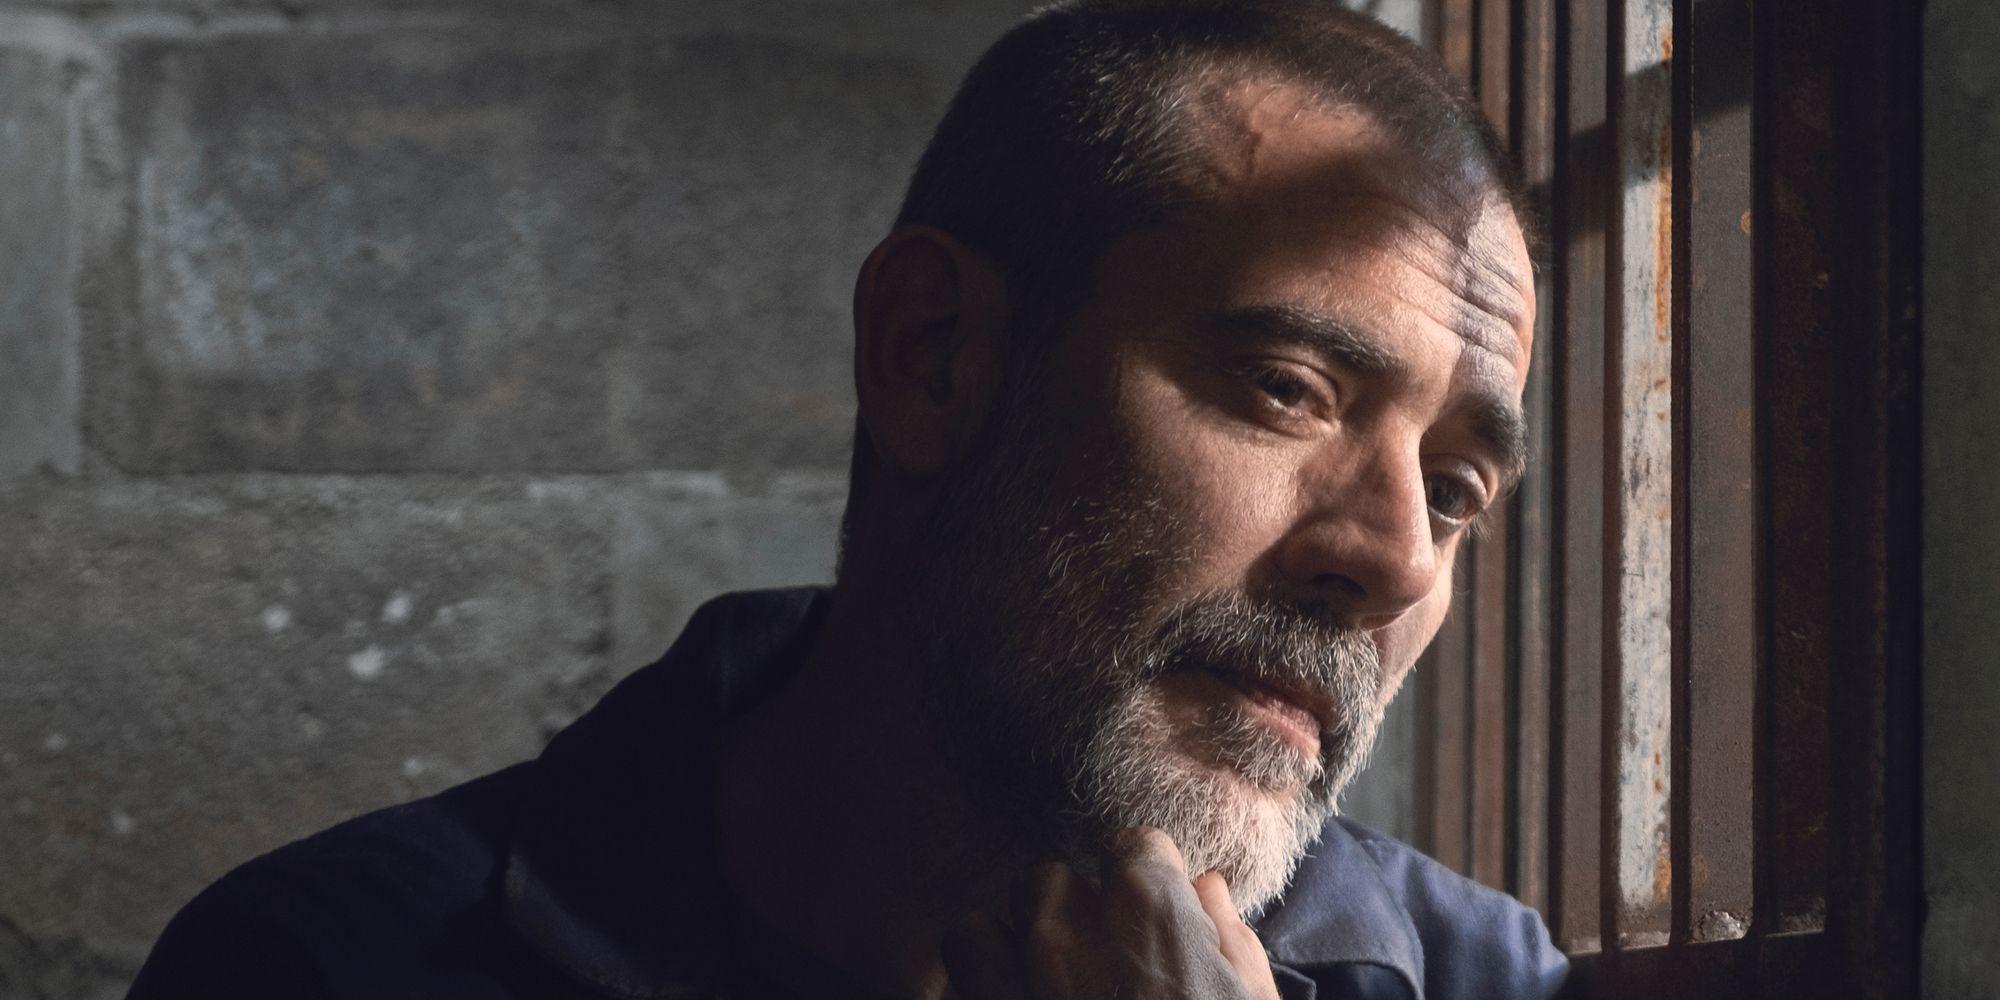 The Walking Dead: Walking Dead Midseason Finale Clip Teases Negan's Evolution